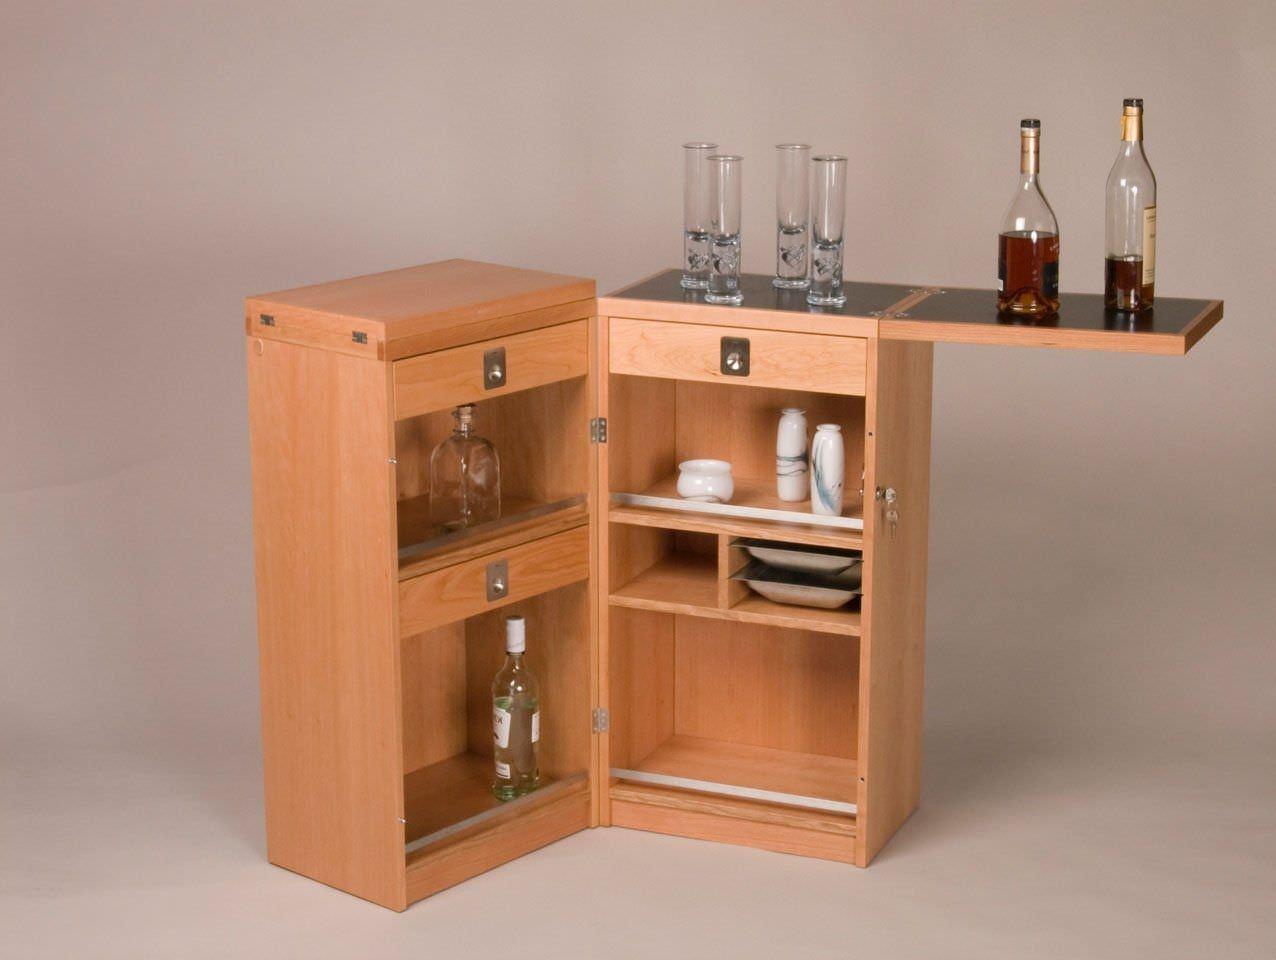 Moderner Barschrank / Holz - 7712 - dyrlund